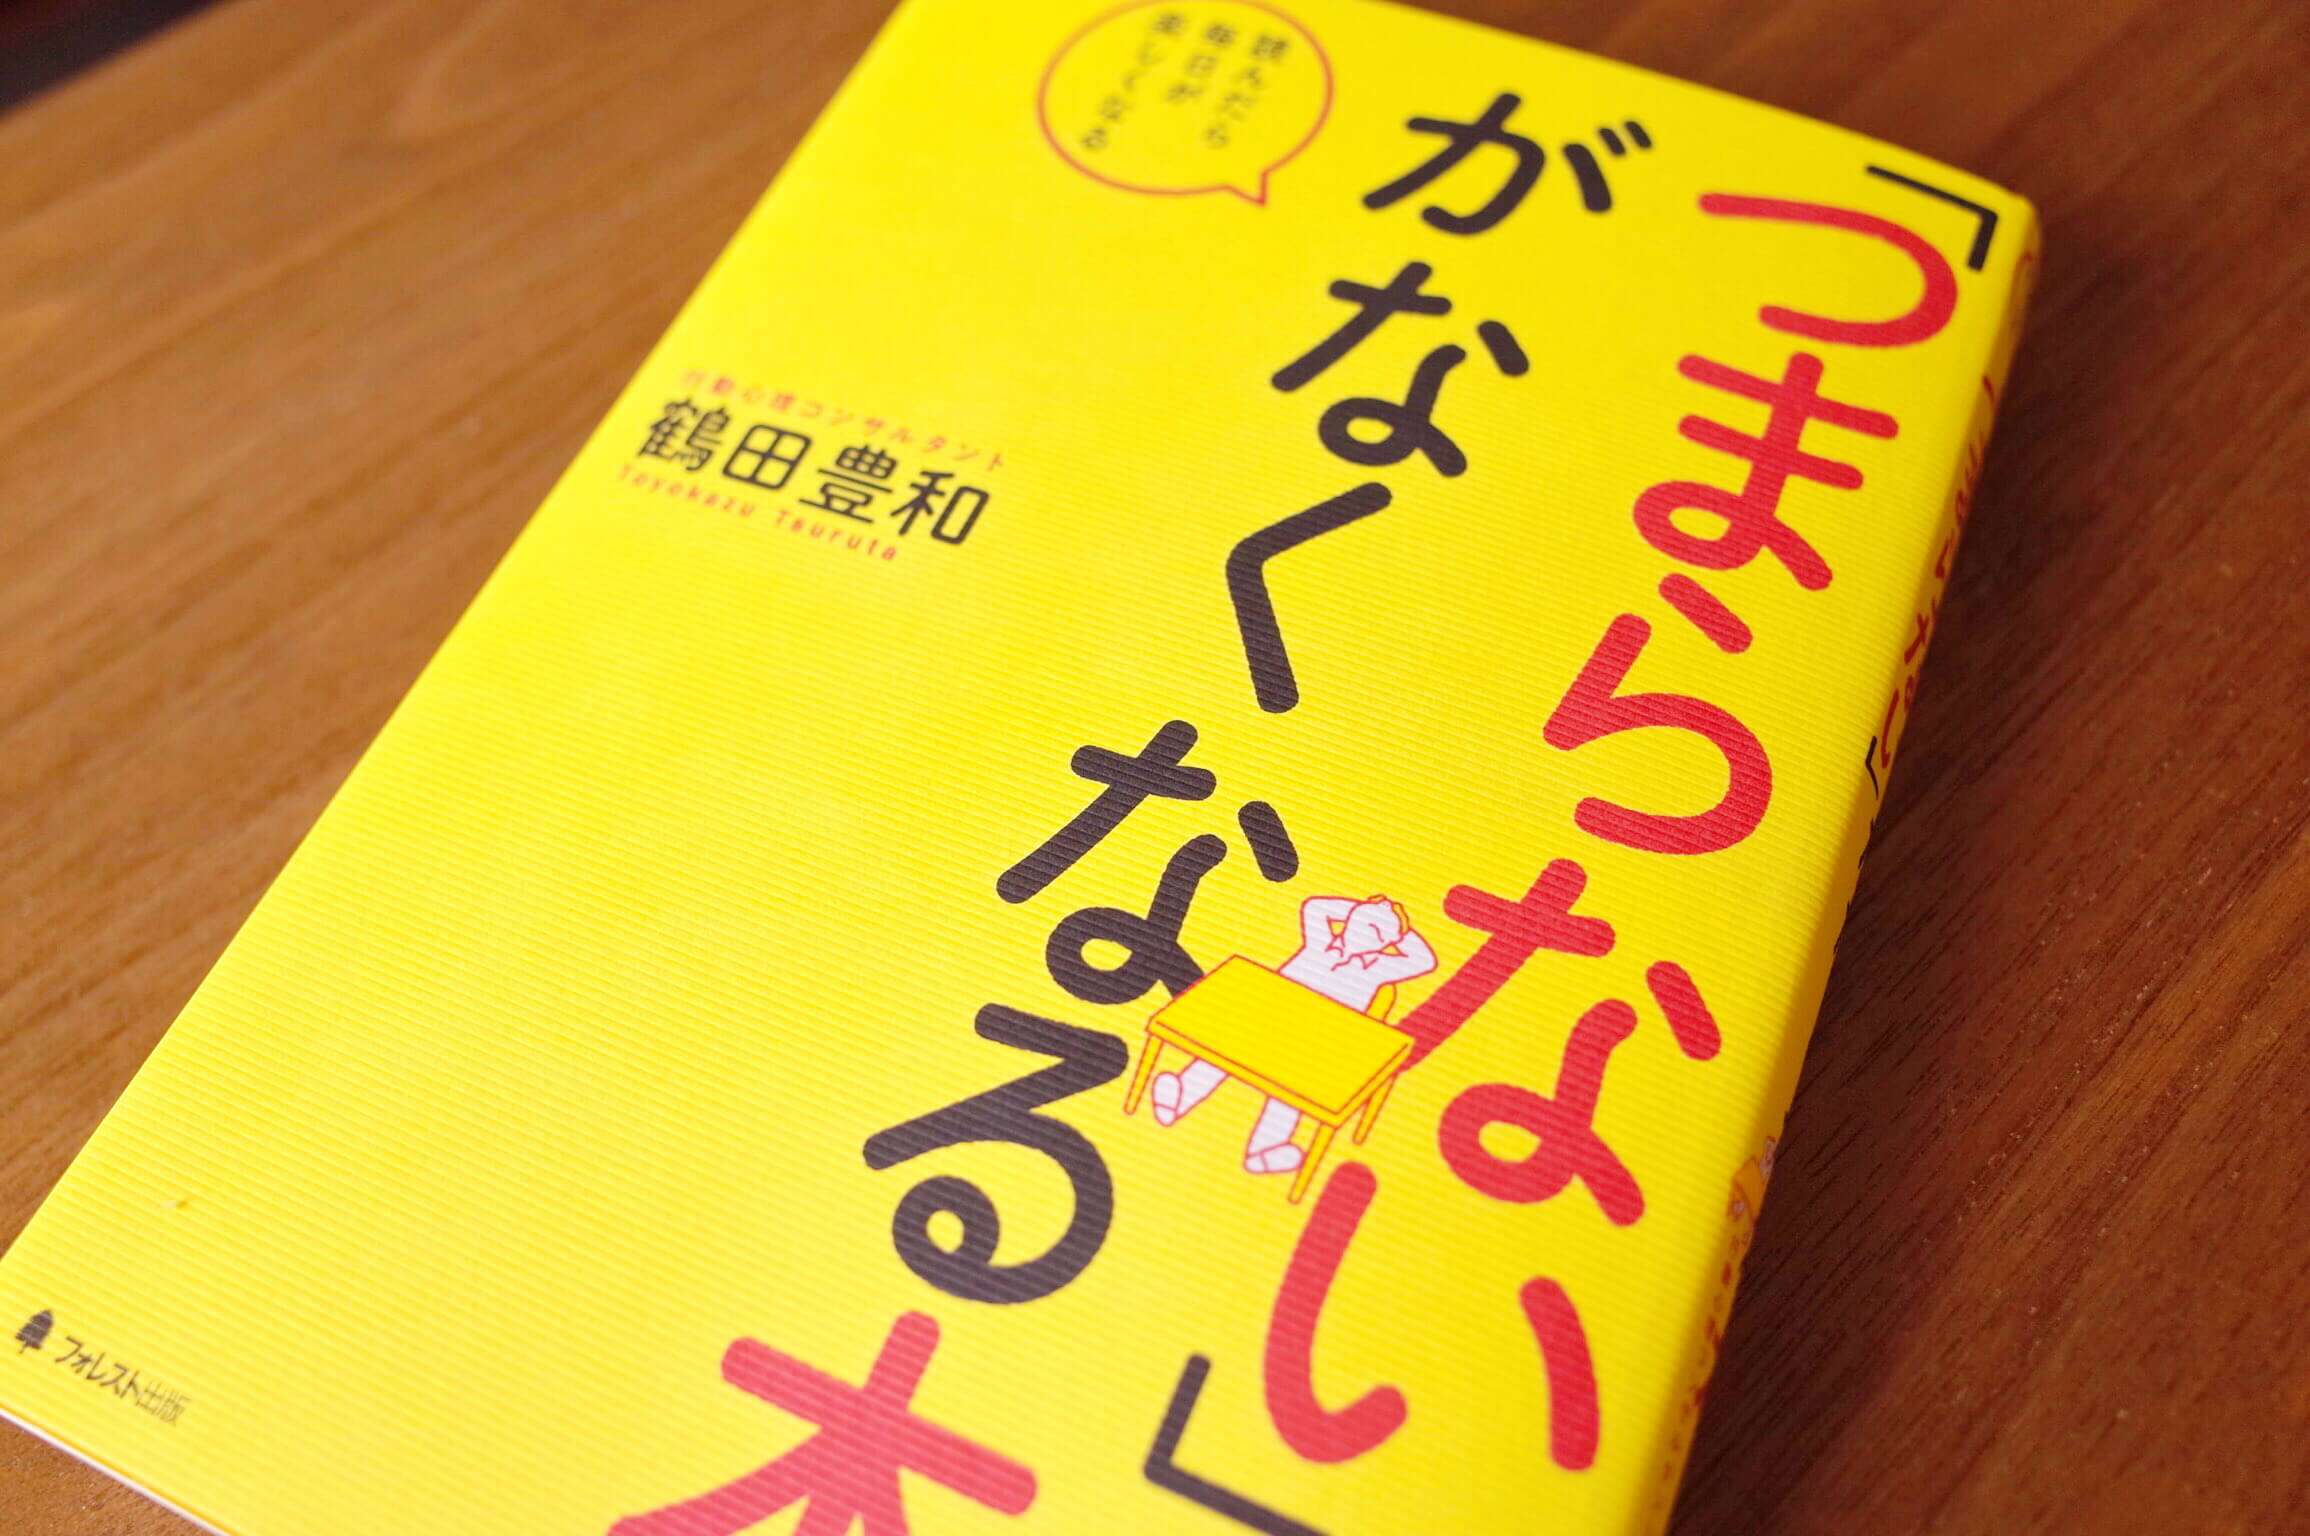 「つまらない」がなくなる本by鶴田豊和〜ワクワクする人生をおくるにはどうしたらいい?その答えは「何もしない」だった!